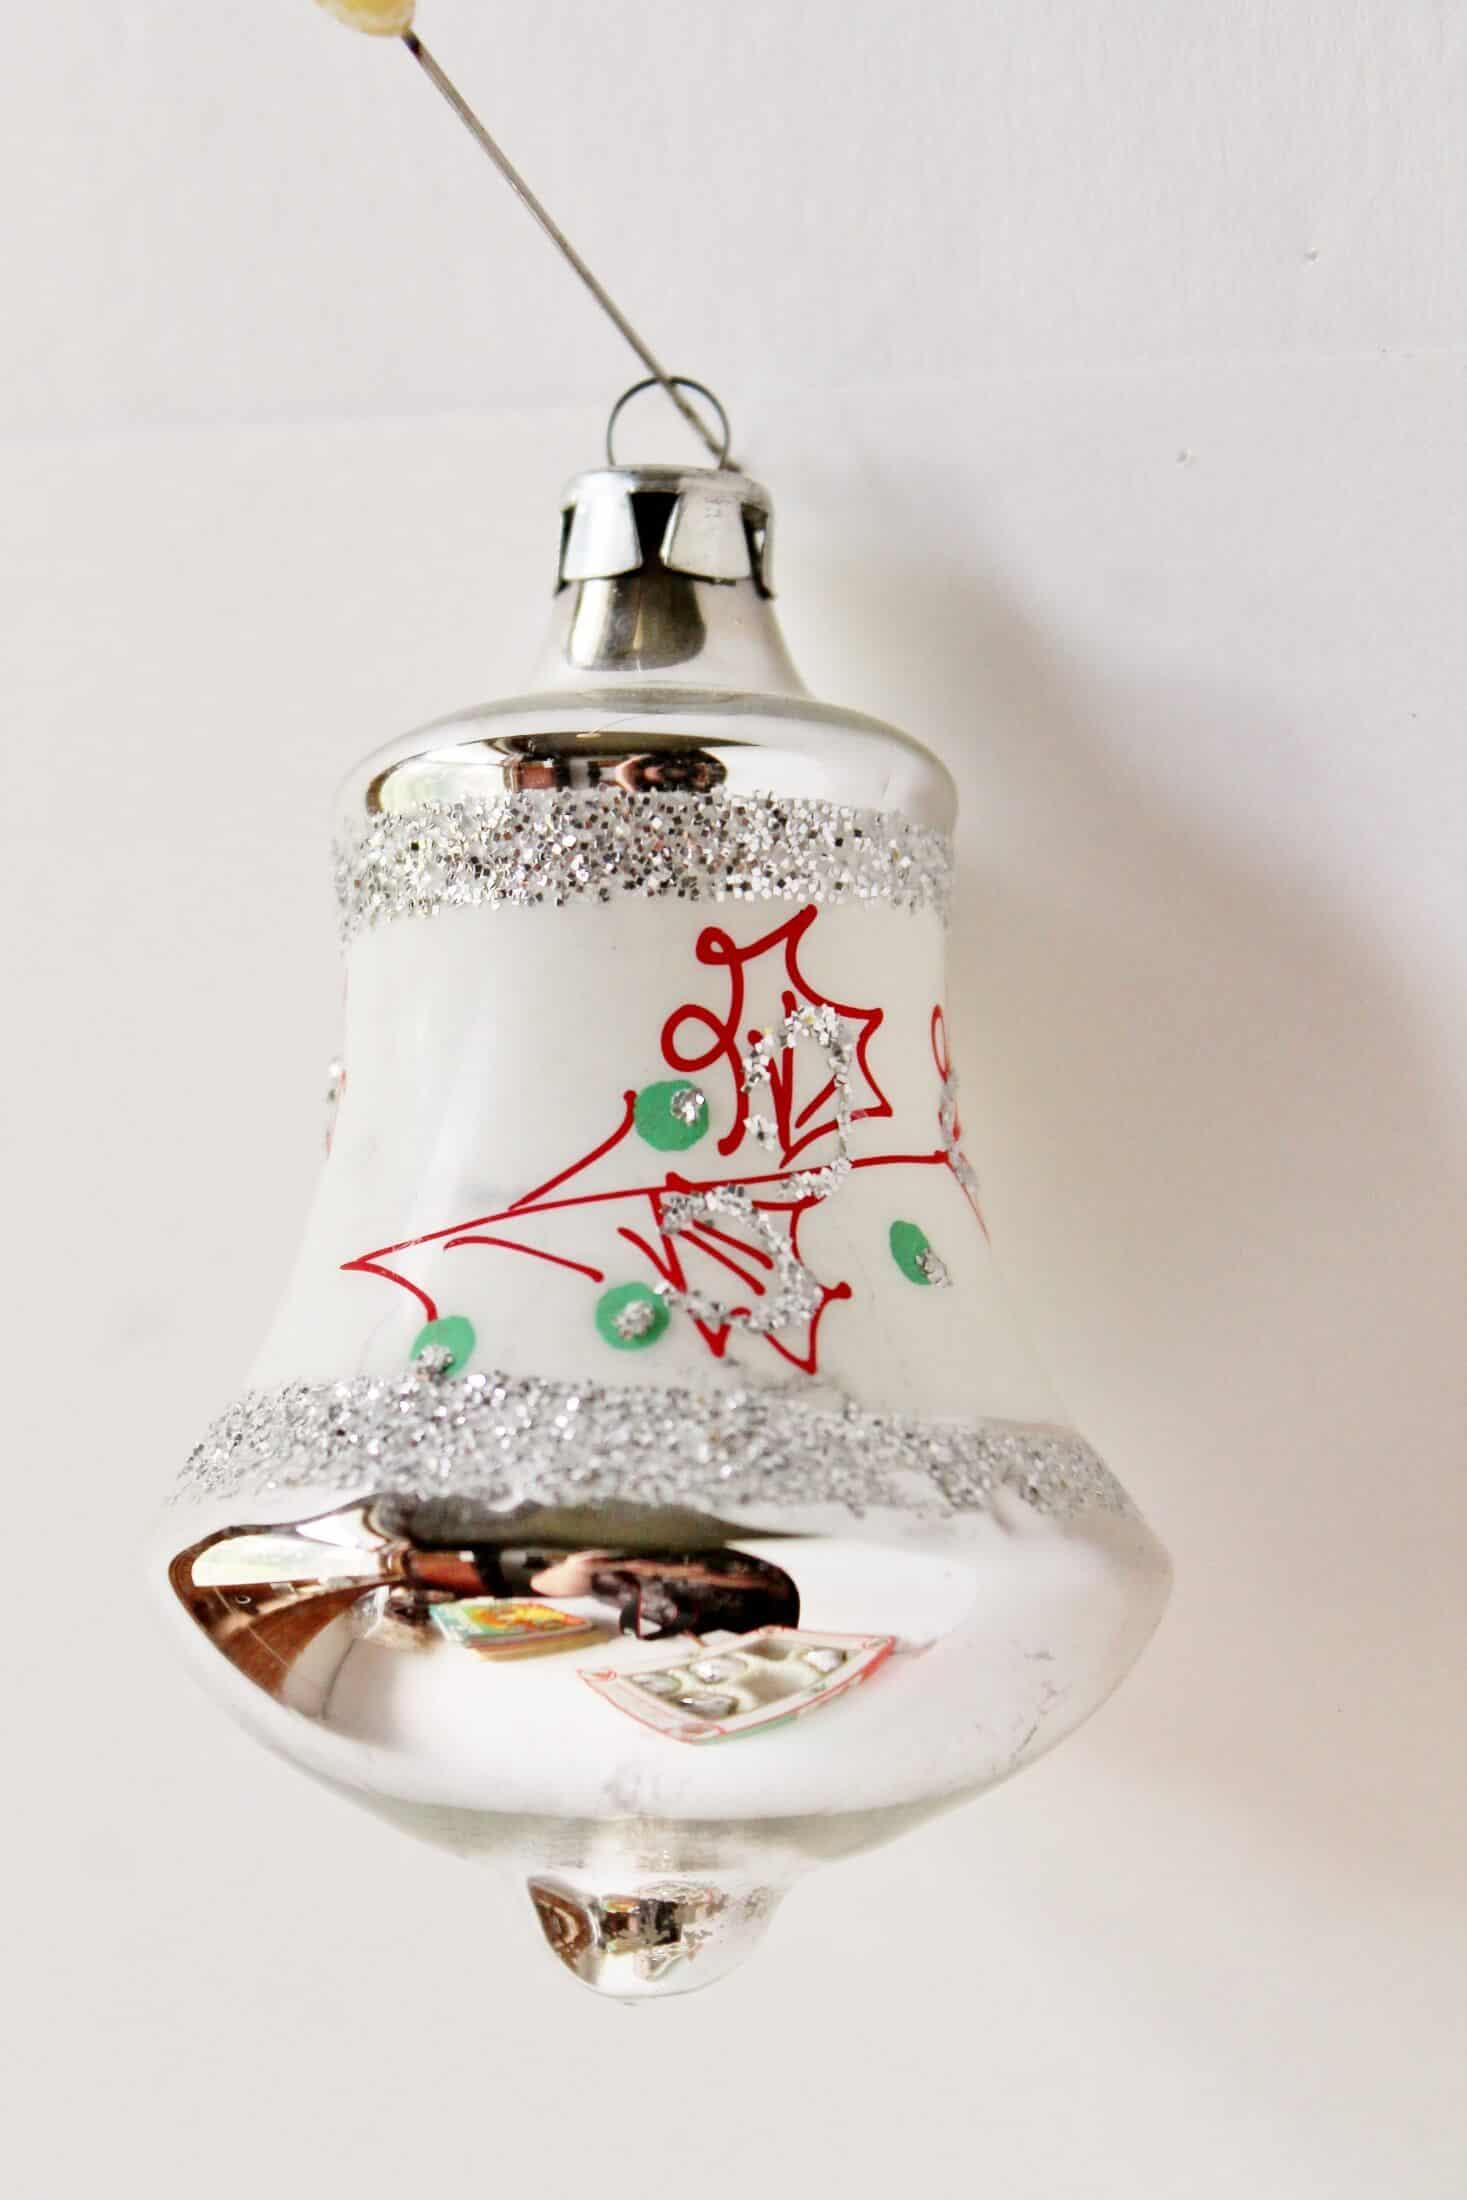 Vintage czech bell ornament